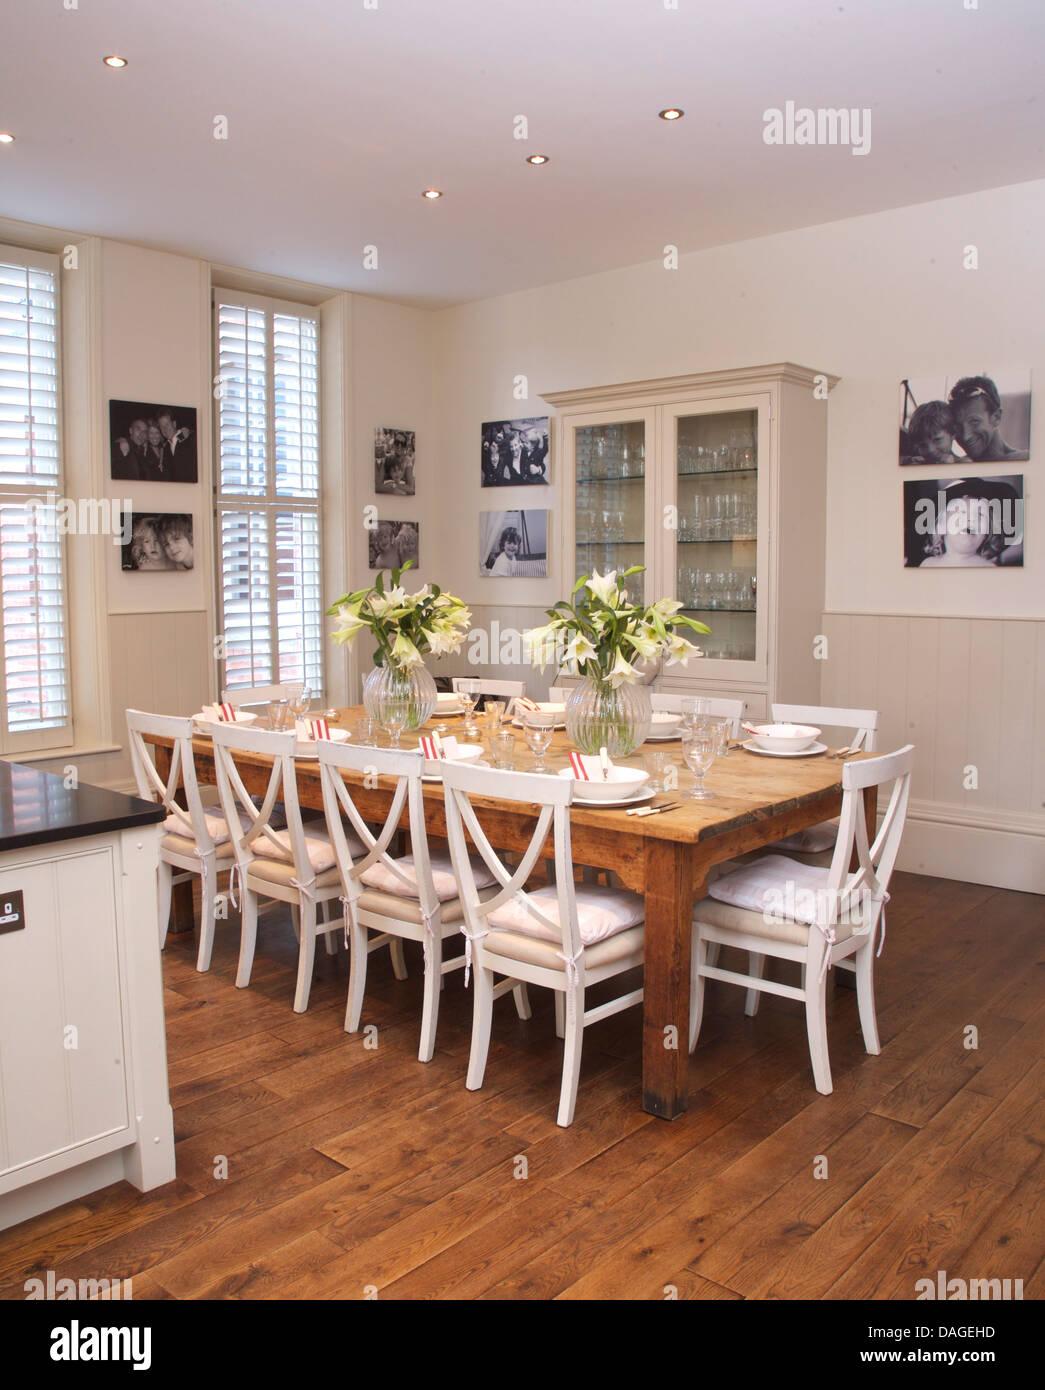 Cozinha Simples Com Mesa De Jantar A Cozinha Americana Certamente